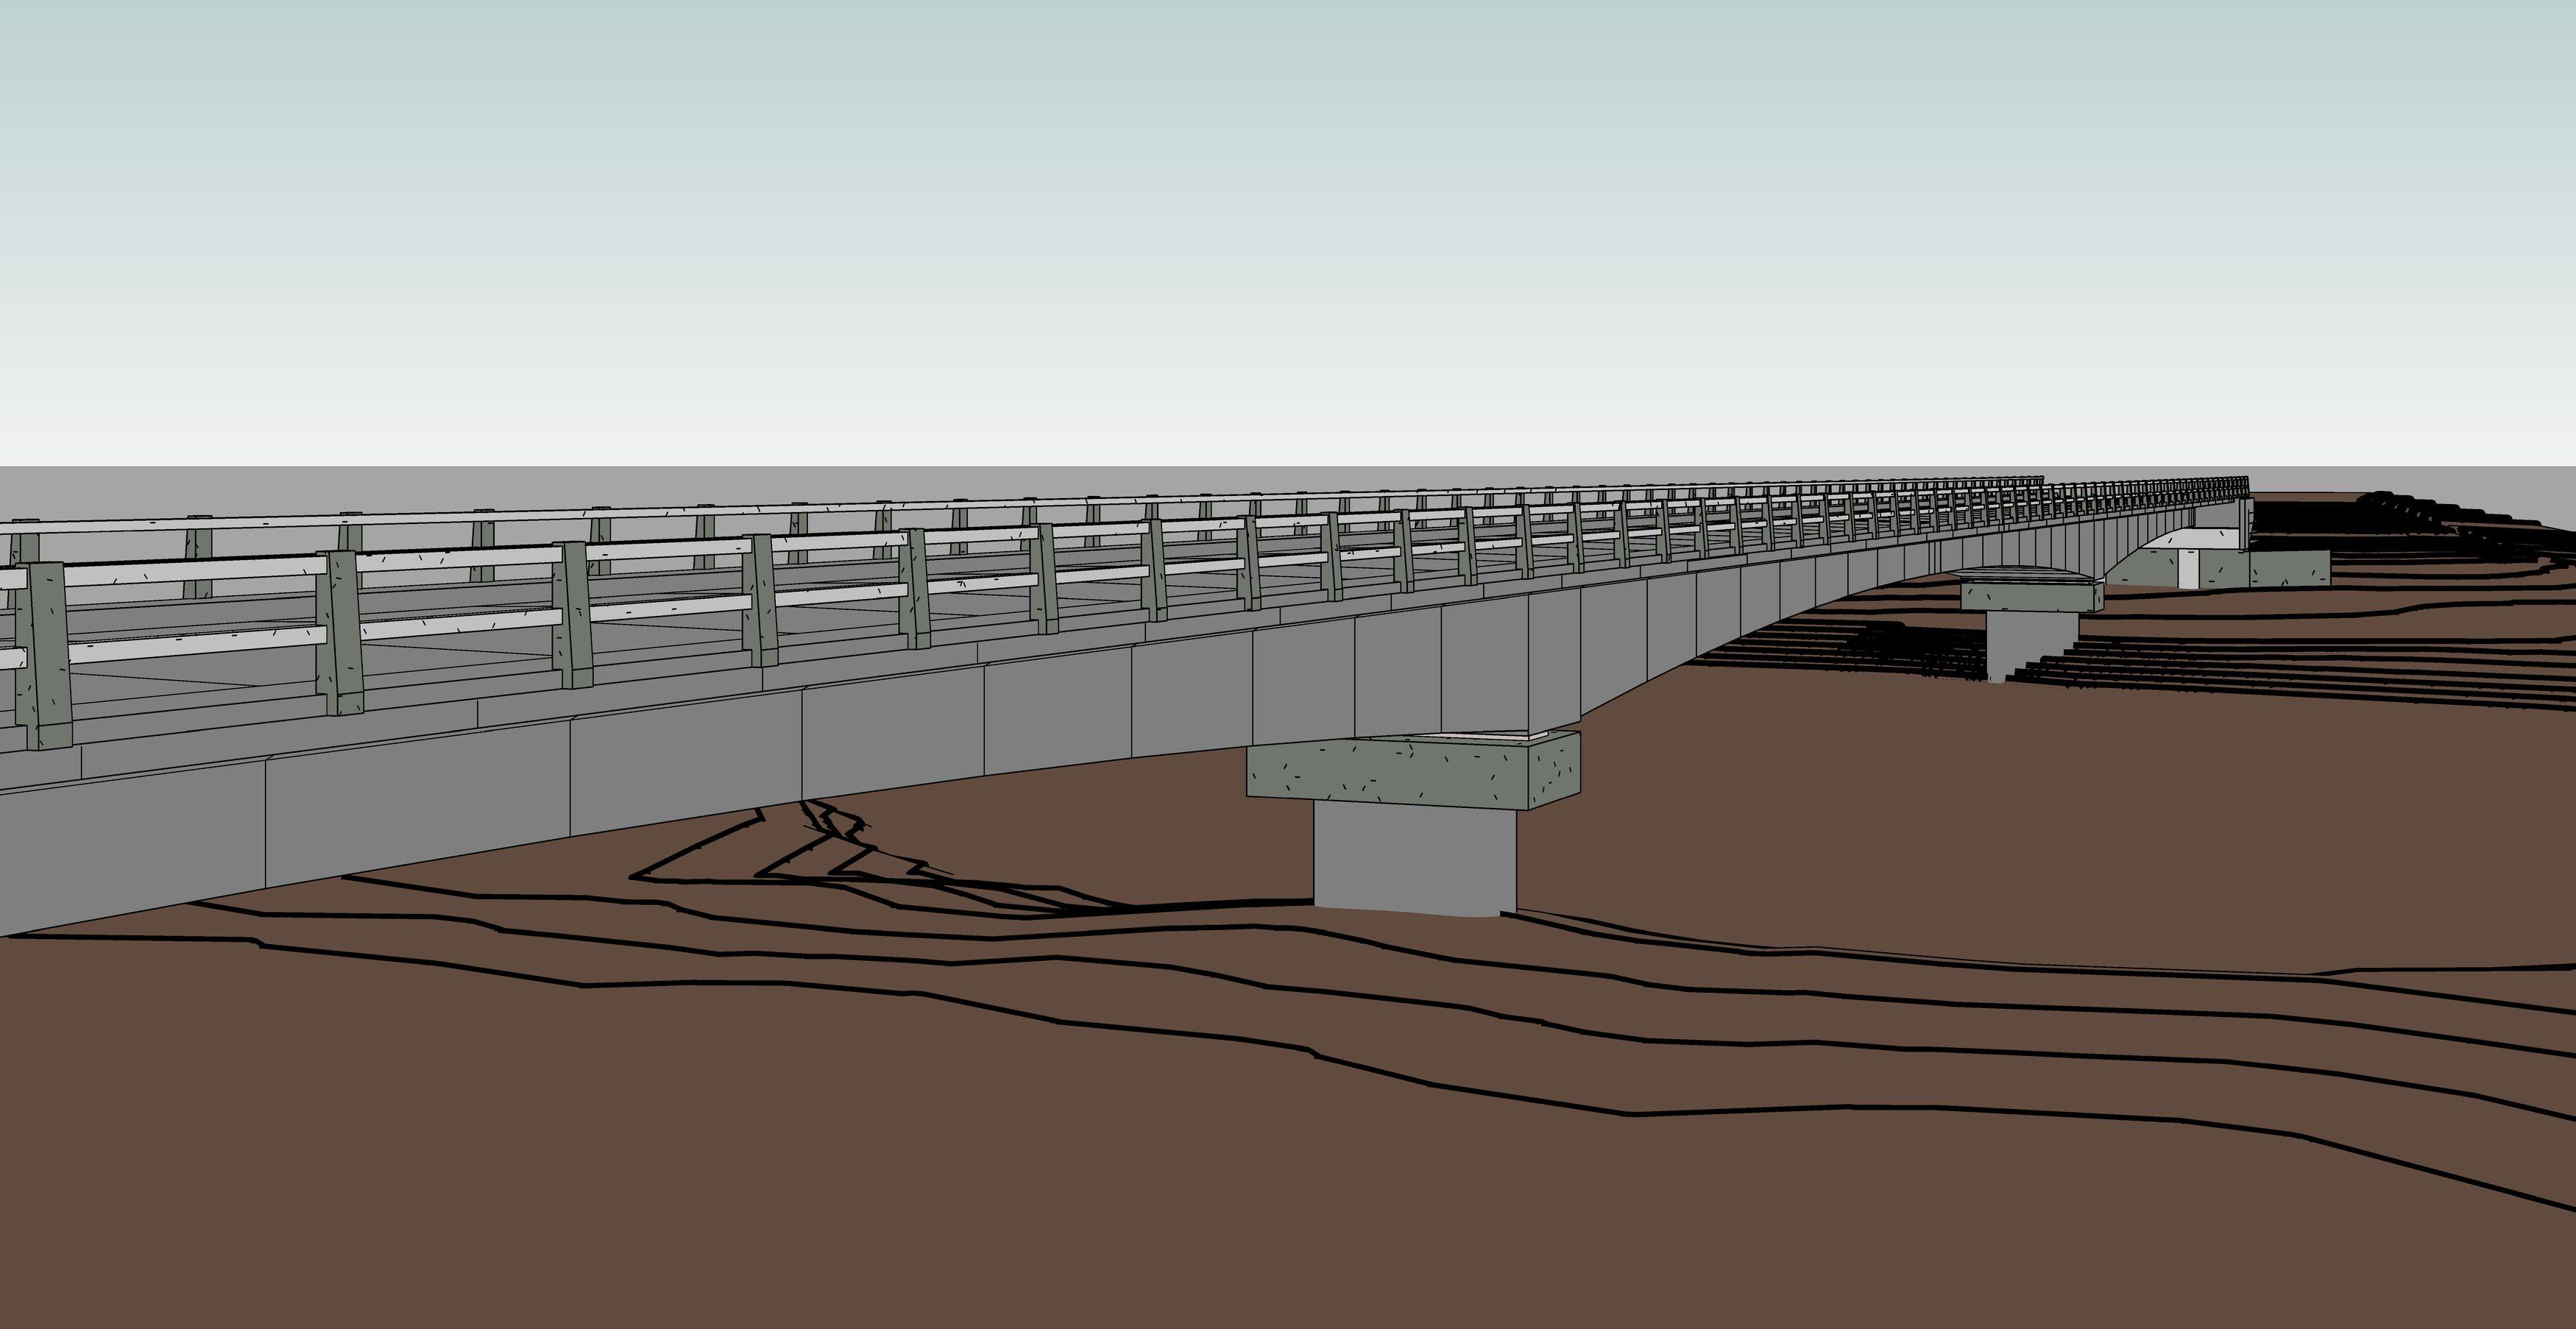 133---modelo-puente-rev25-3500-3500